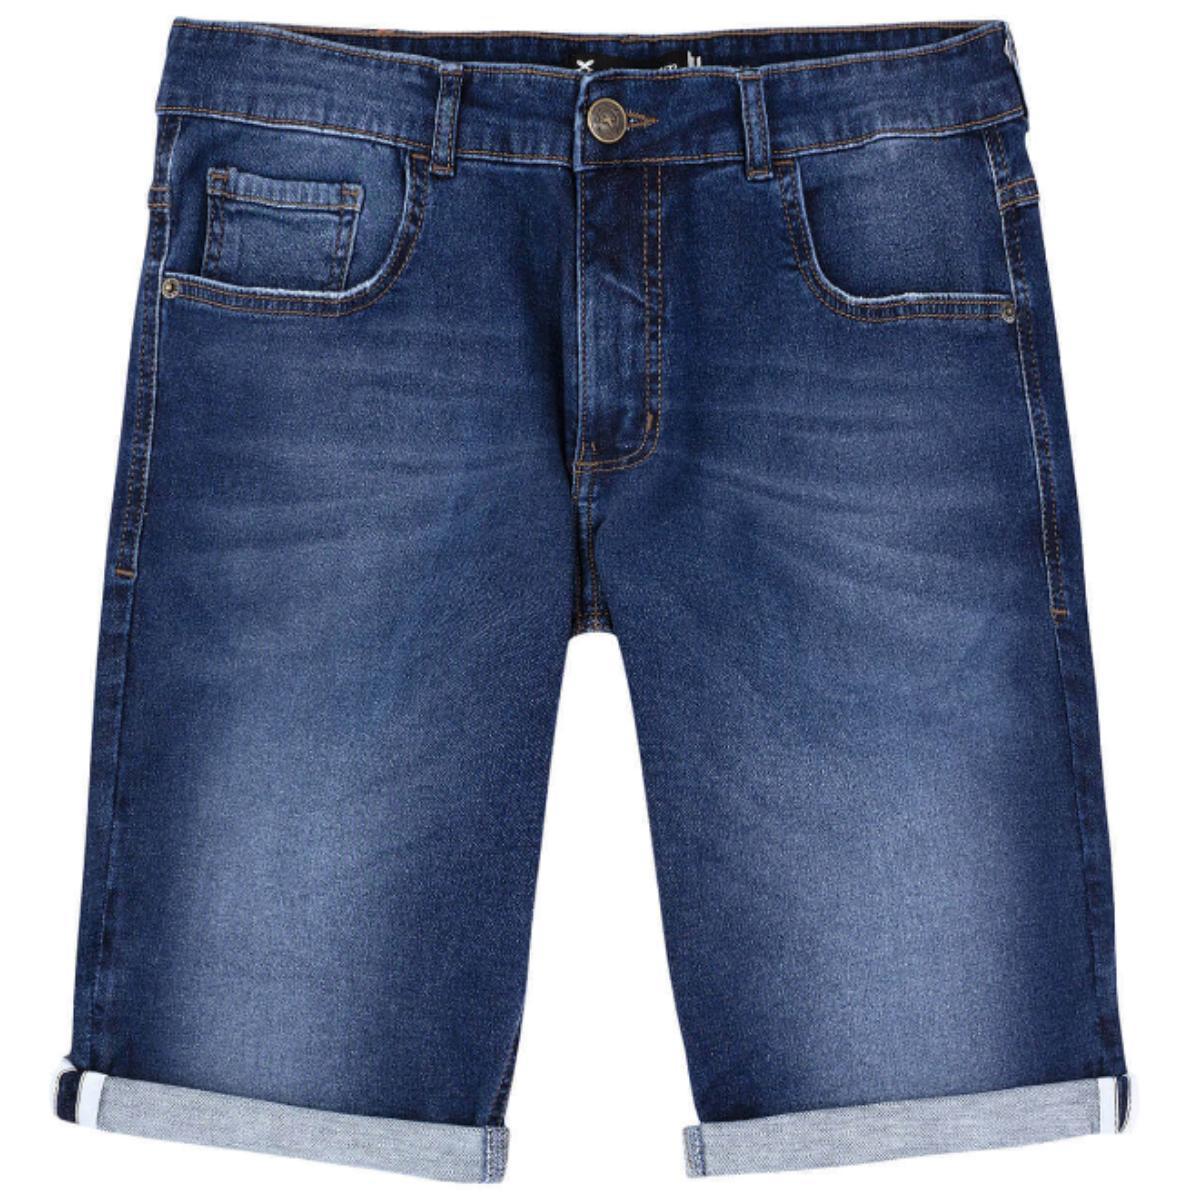 Bermuda Masculina Hering H4am 1aej Jeans